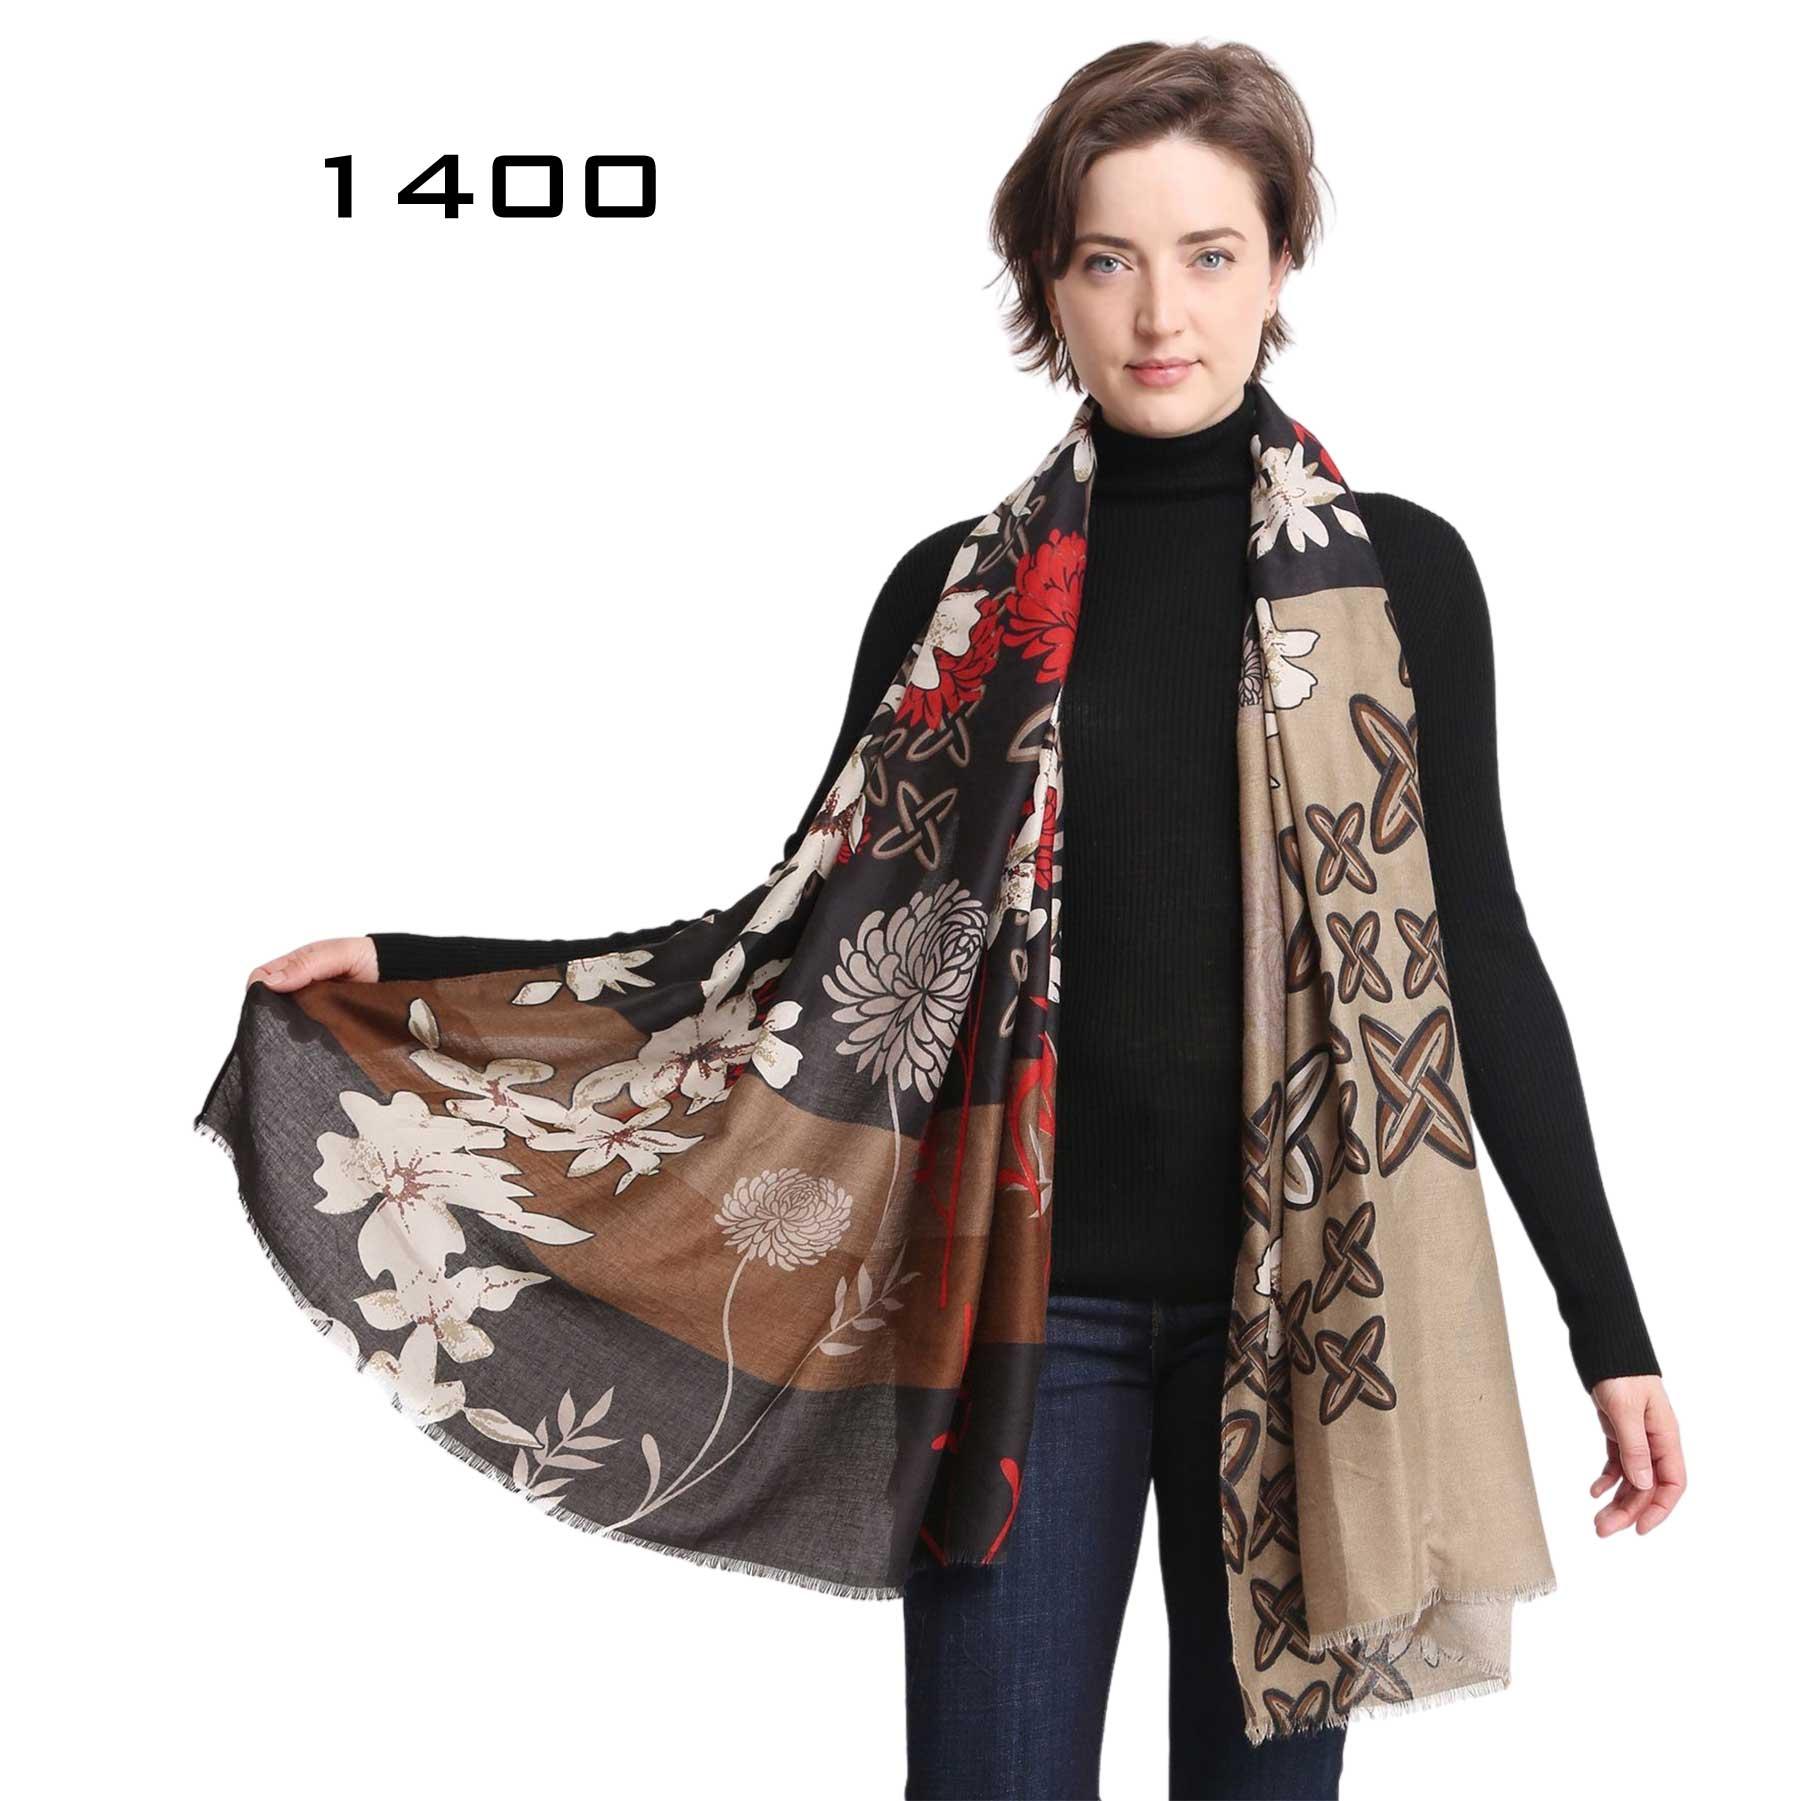 Luxury Scarf/Wrap - 1400